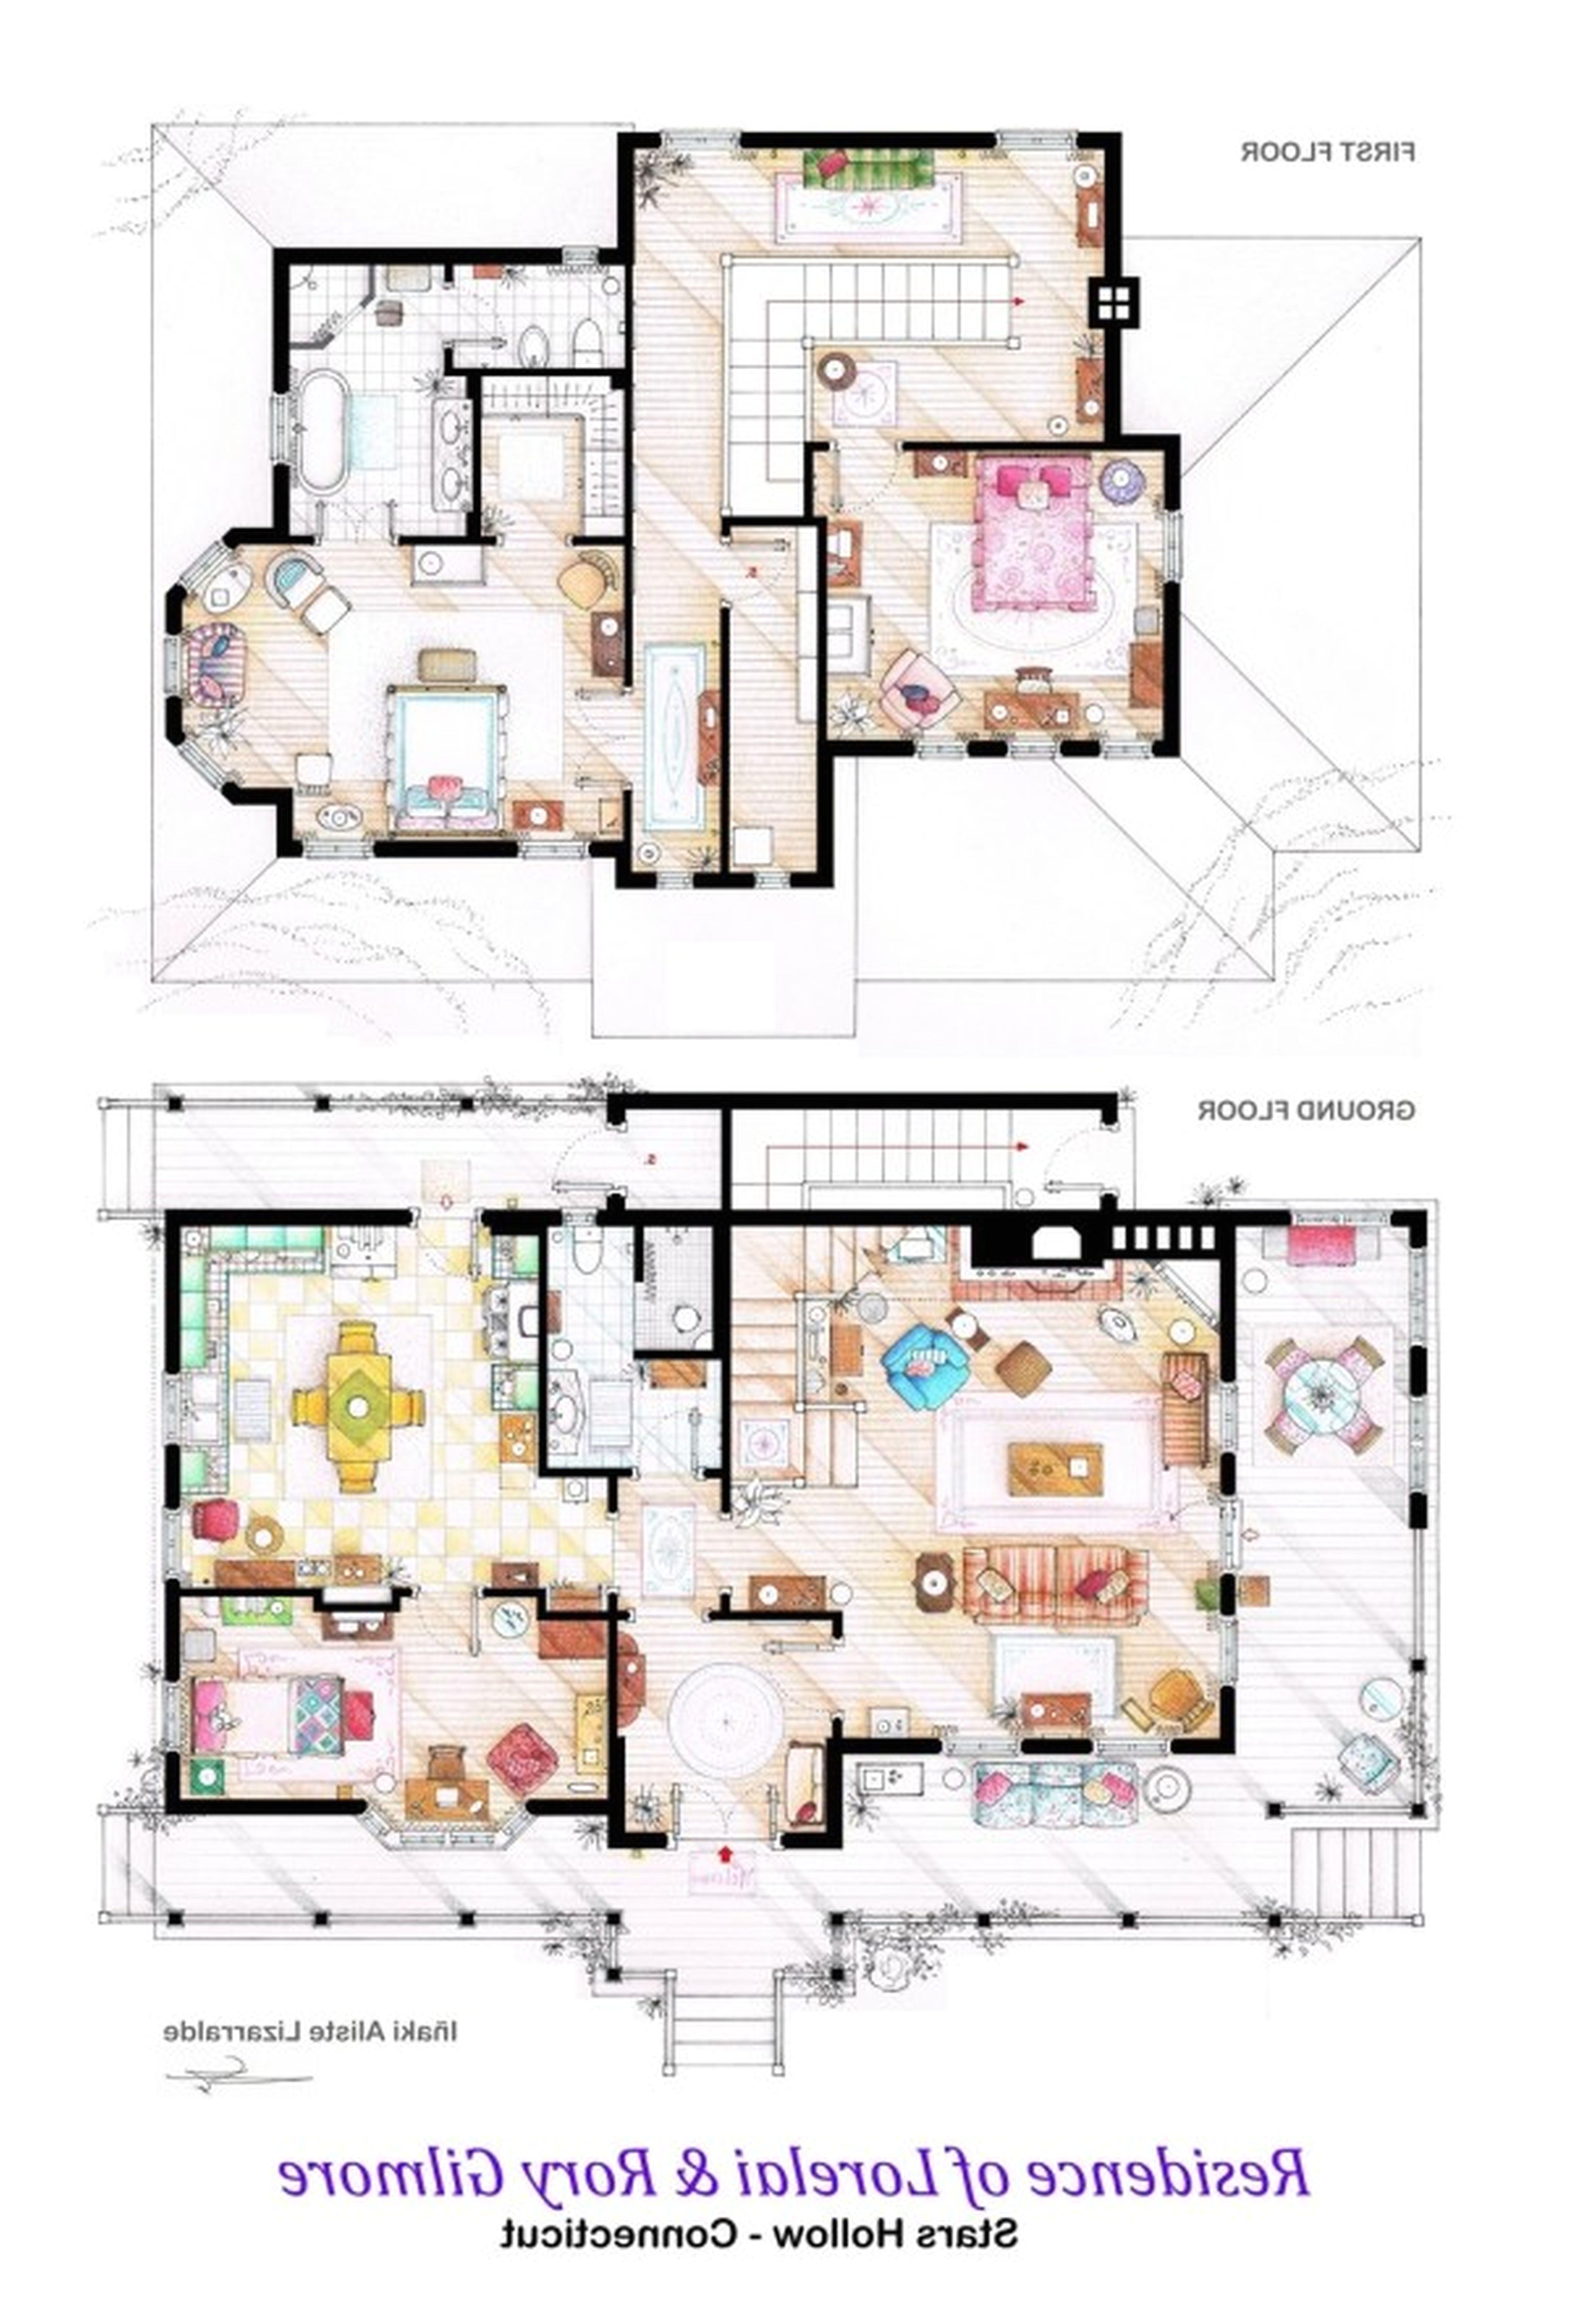 free floor plan for 3 bedroom tritmonk design photo gallery for modern bedroom interior floor plan plans designs room kitchen